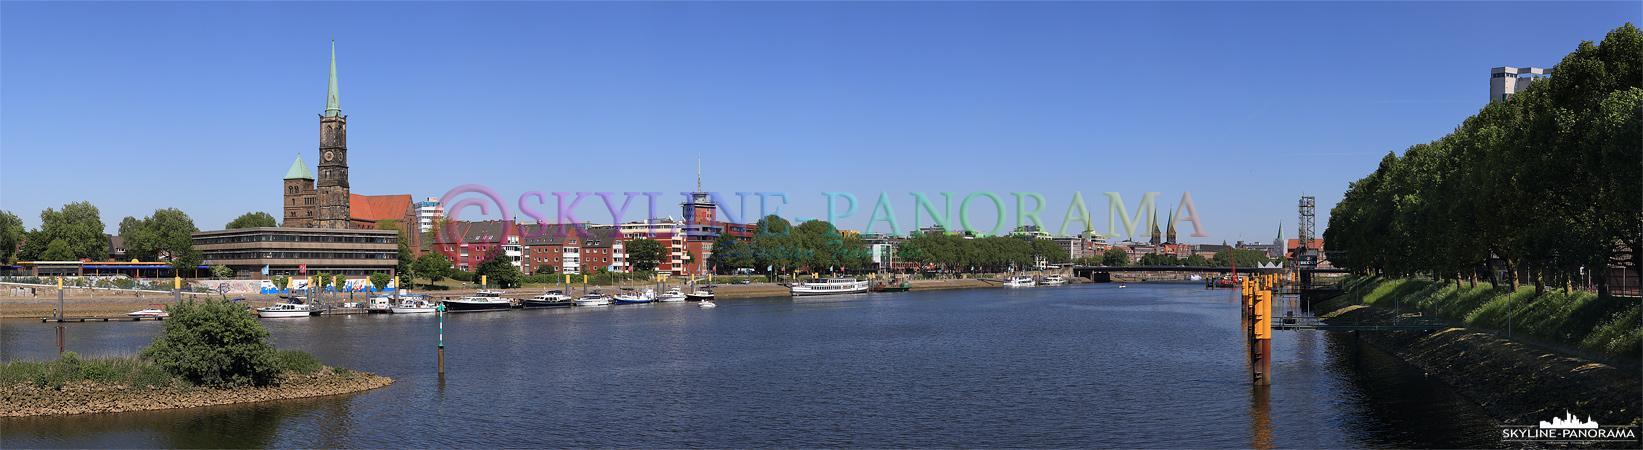 Bilder Bremen - Panorama von der Stephanibrücke aus auf die Weser und die Altstadt von Bremen.